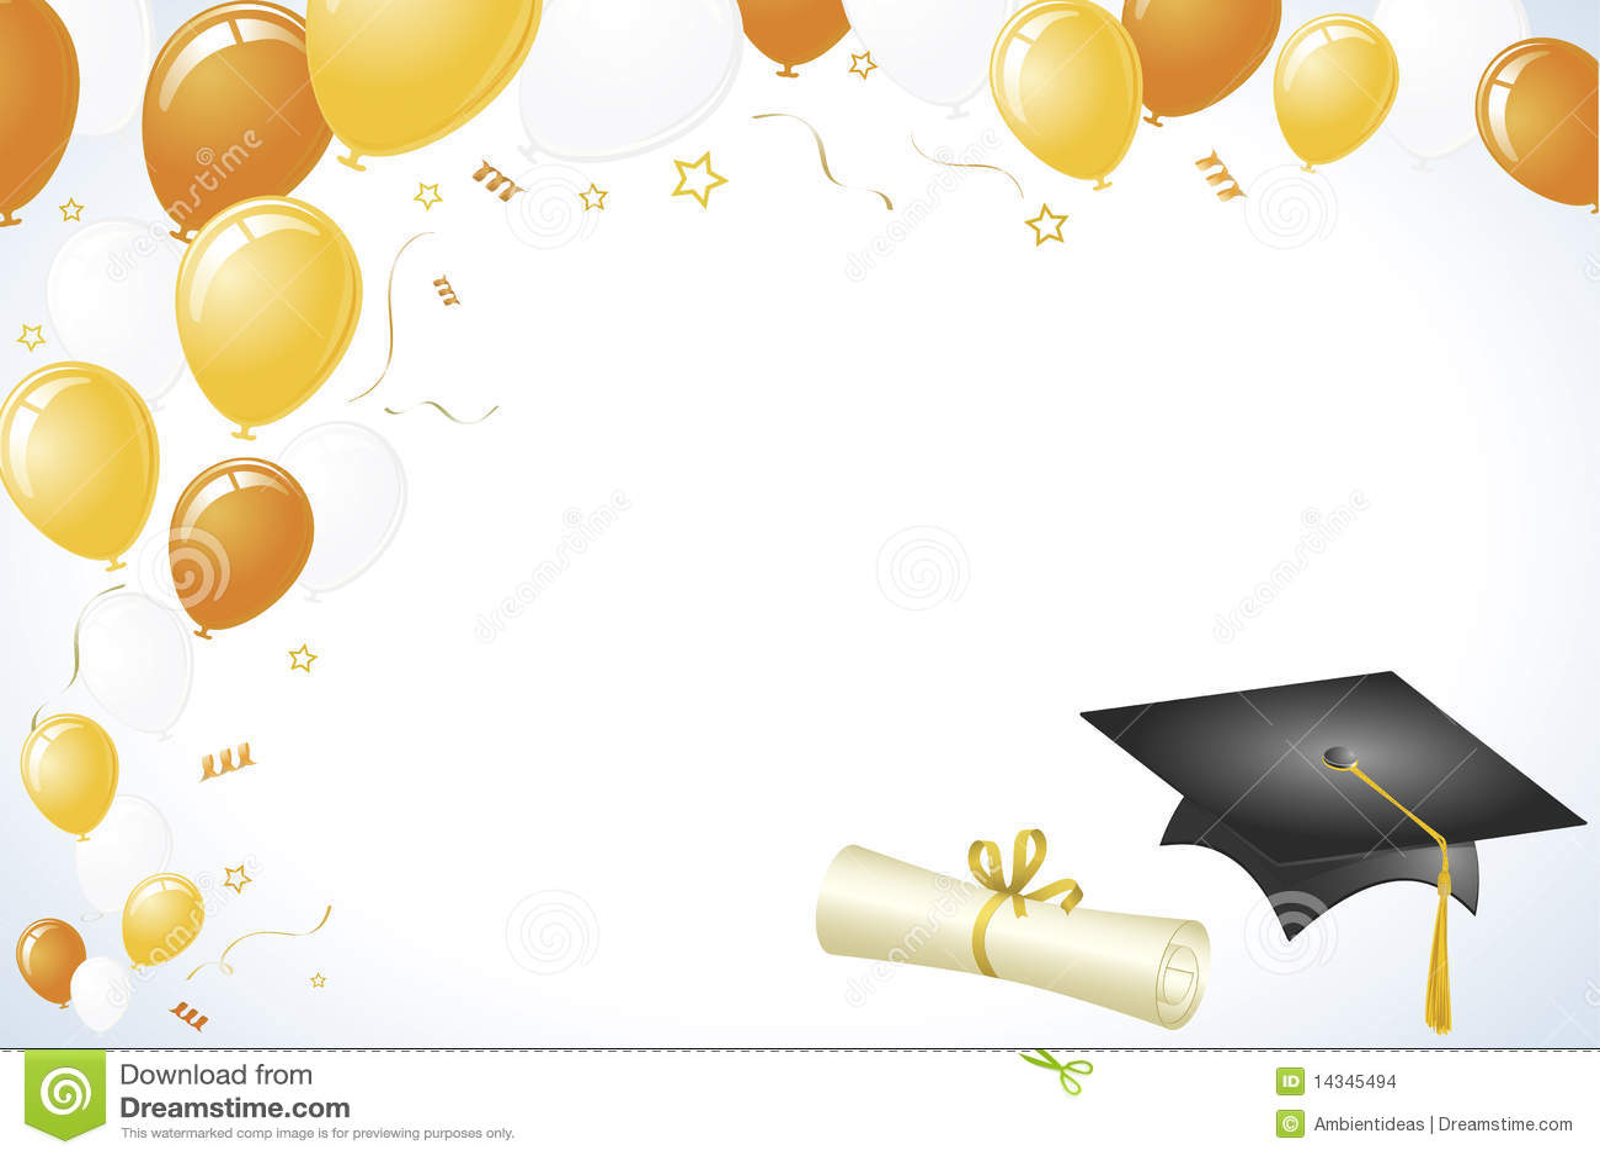 Dise 241 O De La Graduaci 243 N Con Oro Y Globos Amarillos